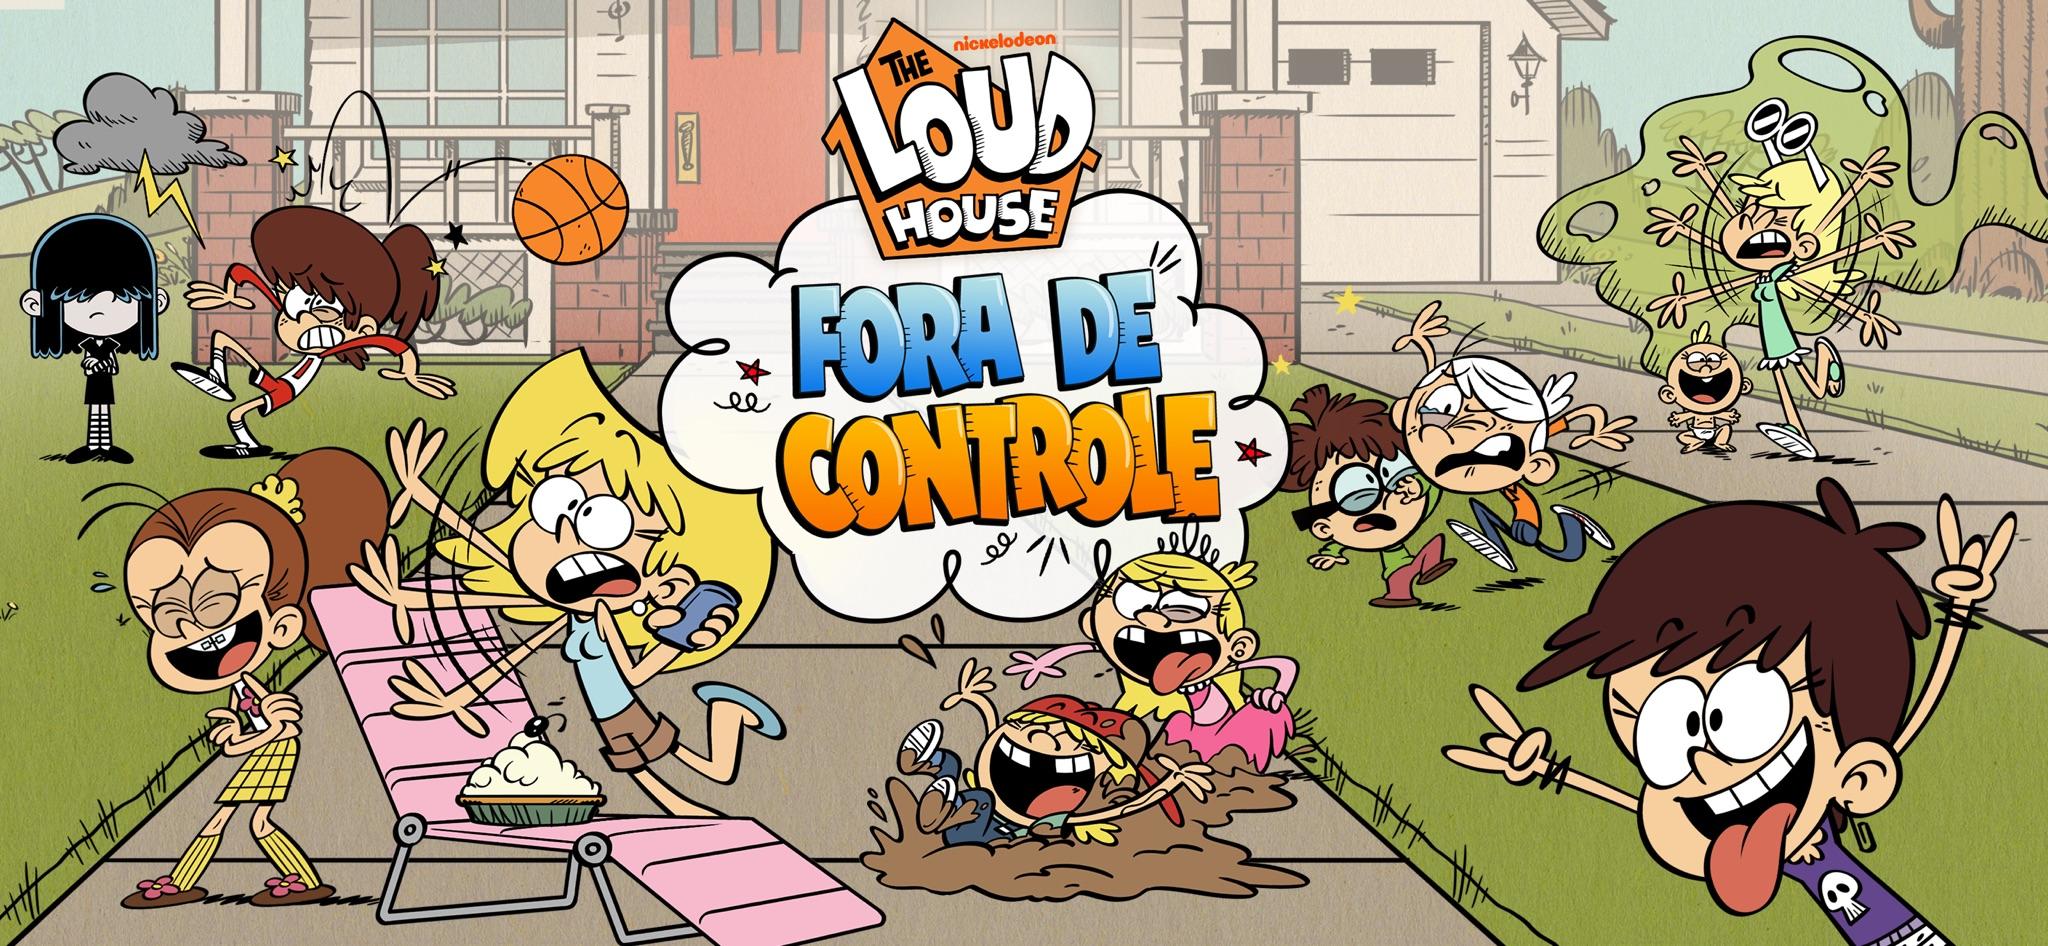 Loud House: Fora de Controle